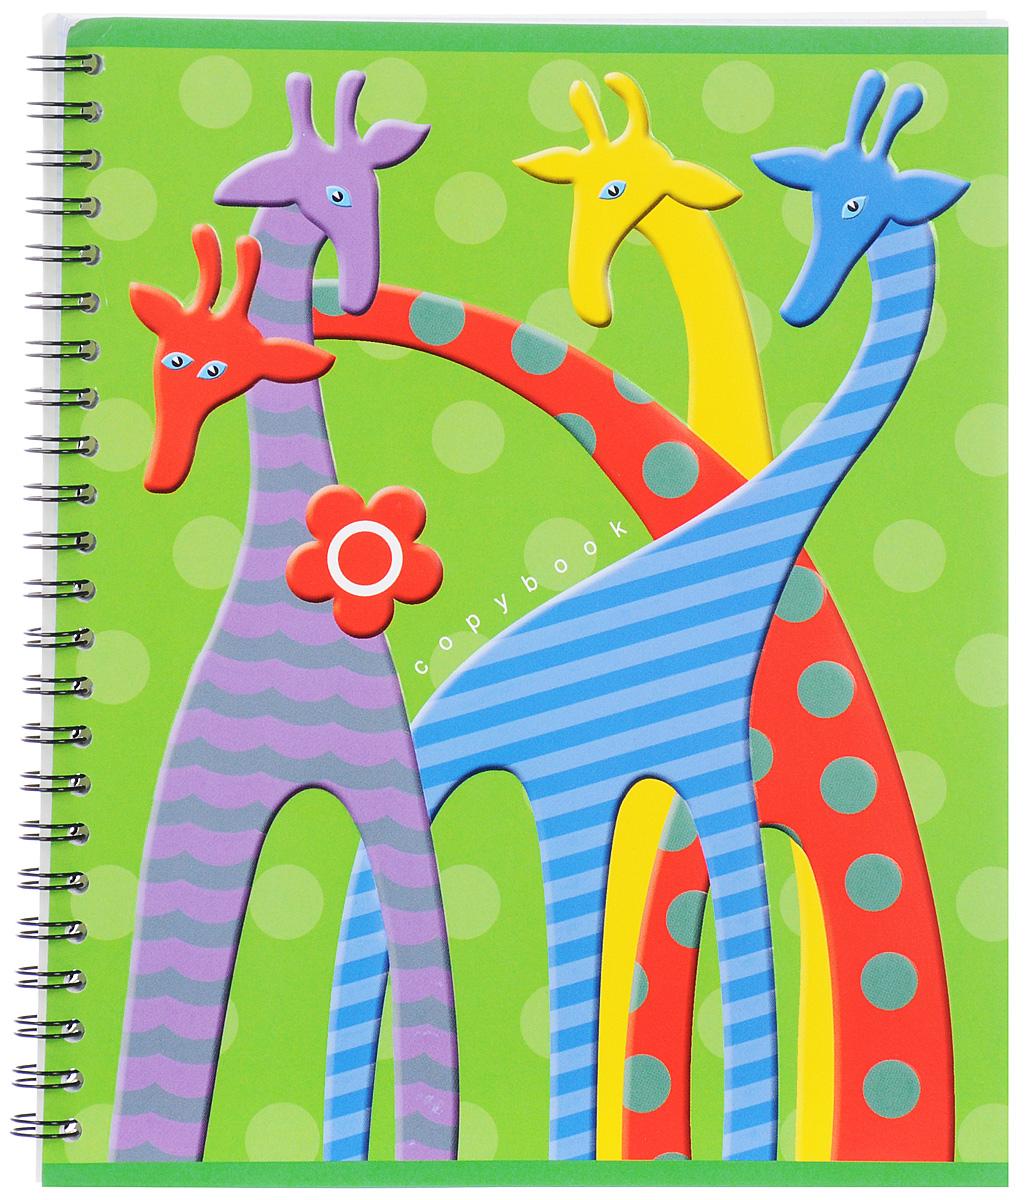 Полиграфика Тетрадь Жирафы 60 листов в клетку цвет салатовый4601921376296_салатовыйТетрадь Полиграфика Жирафы подойдет как школьнику, так и студенту. Обложка тетради выполнена из картона и оформлена яркими изображениями жирафов. Внутренний блок состоит из 60 листов белой бумаги. Стандартная линовка в голубую клетку без полей. Листы тетради соединены металлическим гребнем.